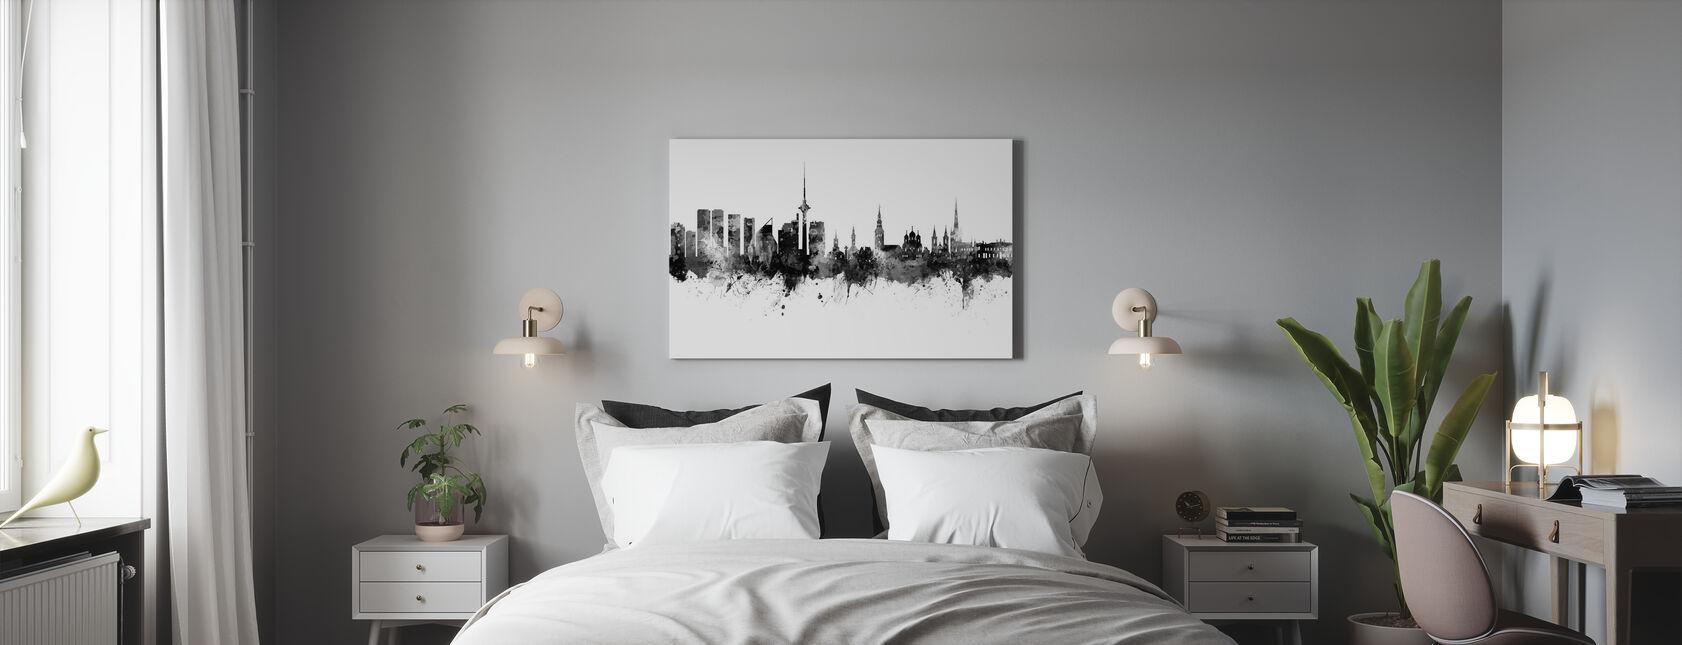 Tallinn Estonia Skyline - Canvas print - Bedroom